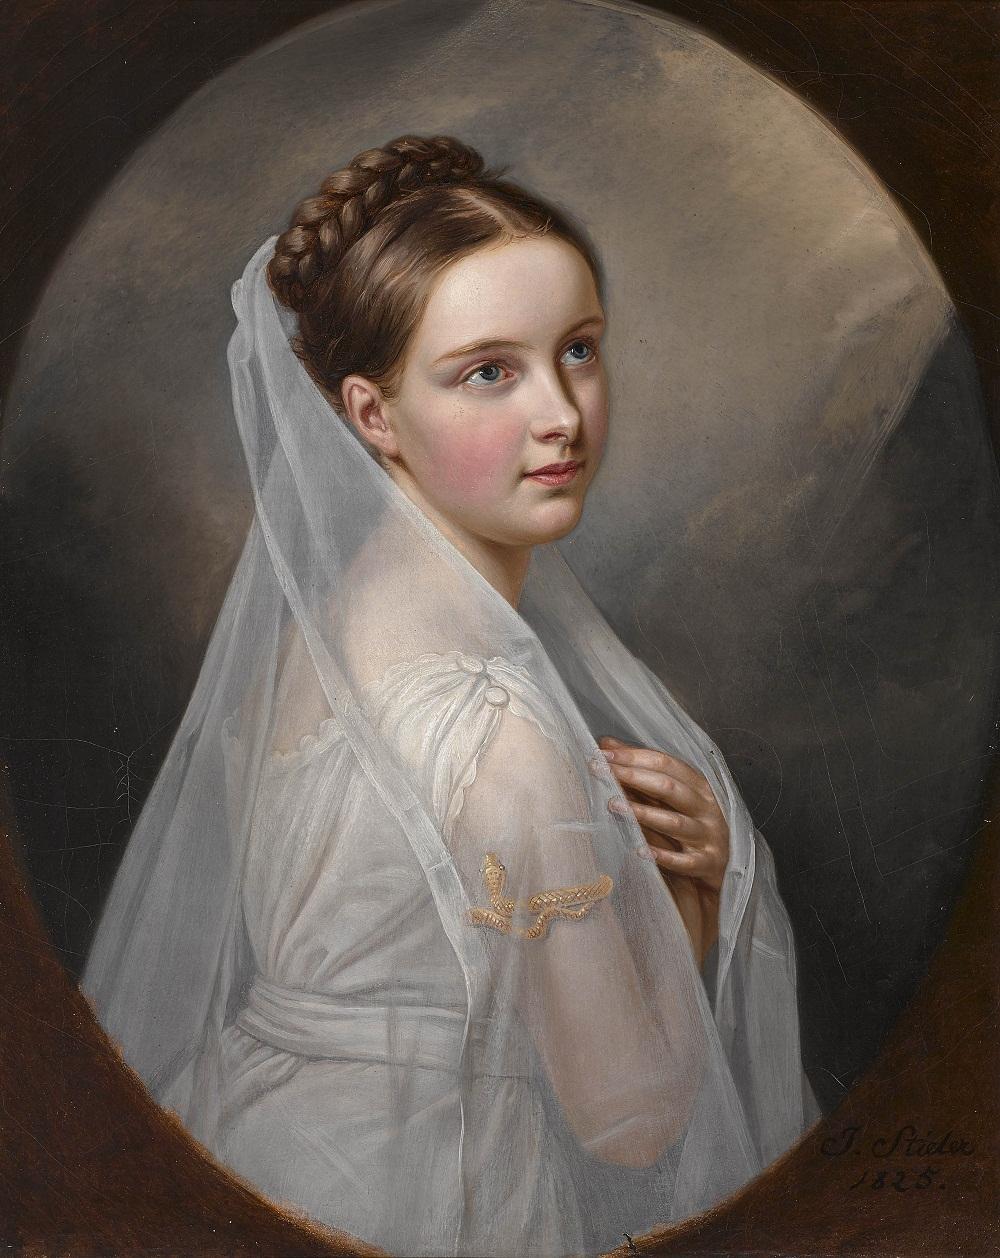 Amalie Ludovika Gräfin von Sayn-Wittgenstein-Sayn.jpg